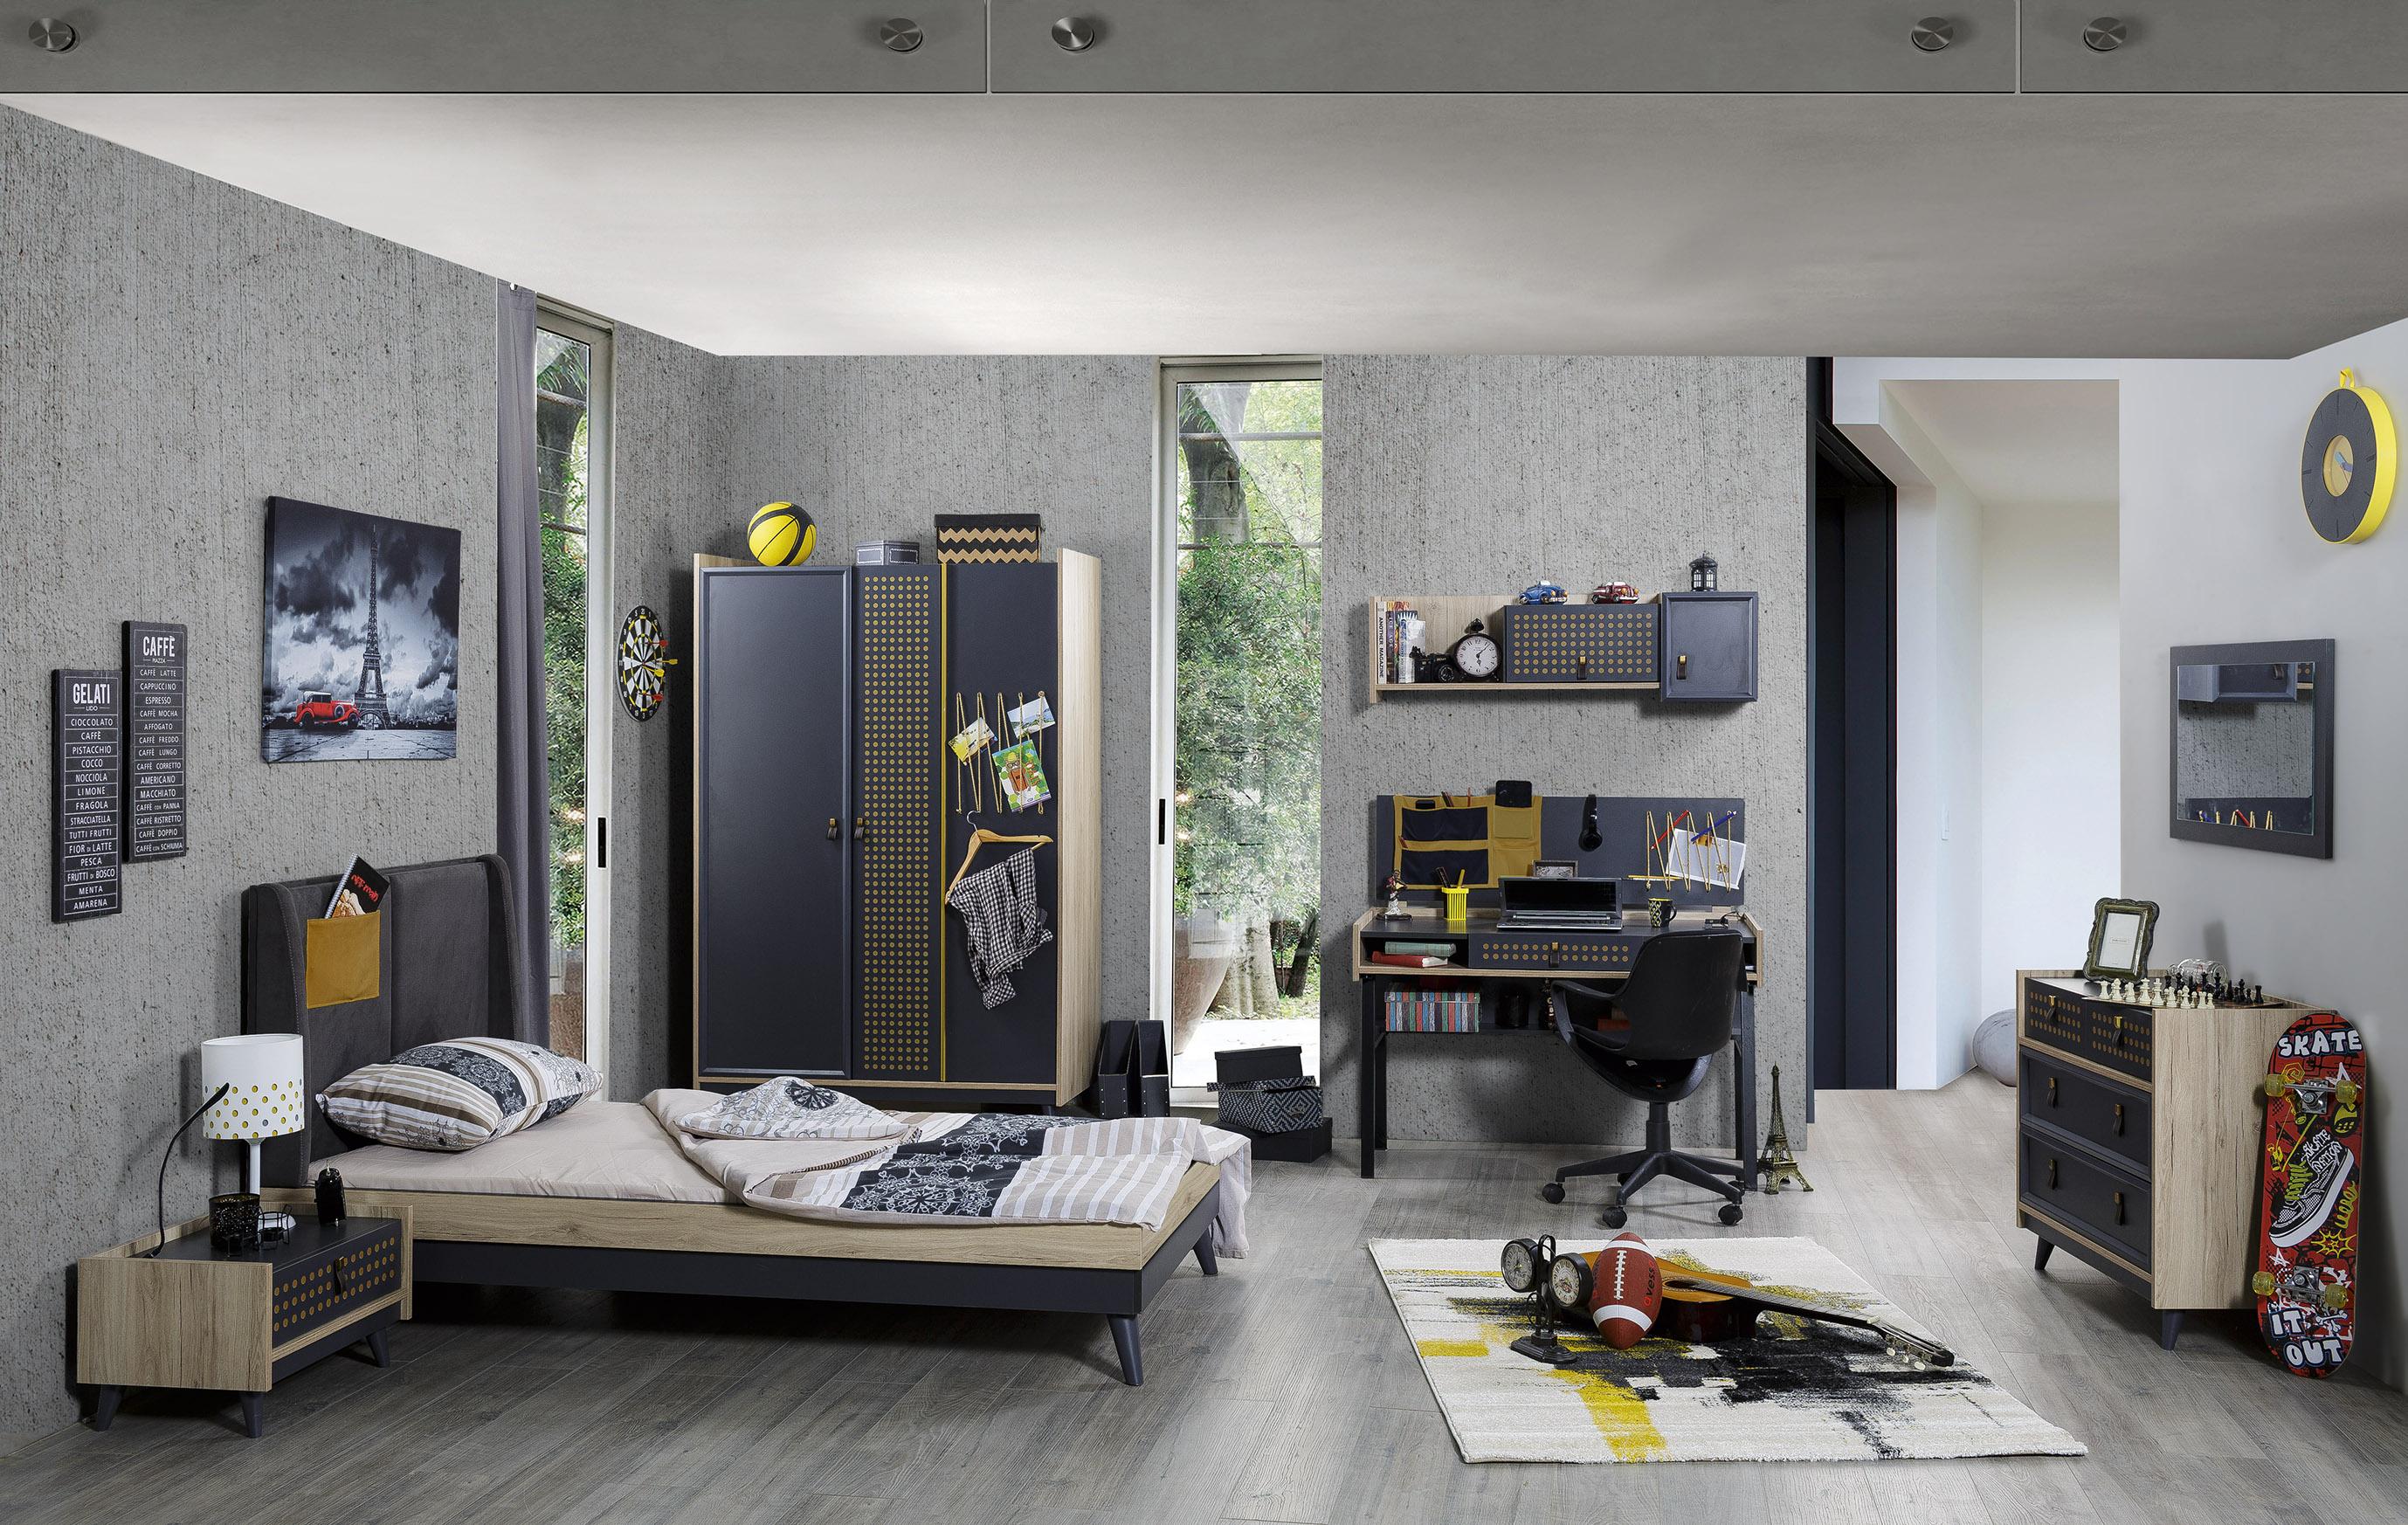 Titi Jugendzimmer Dark Point 6-teilig modern